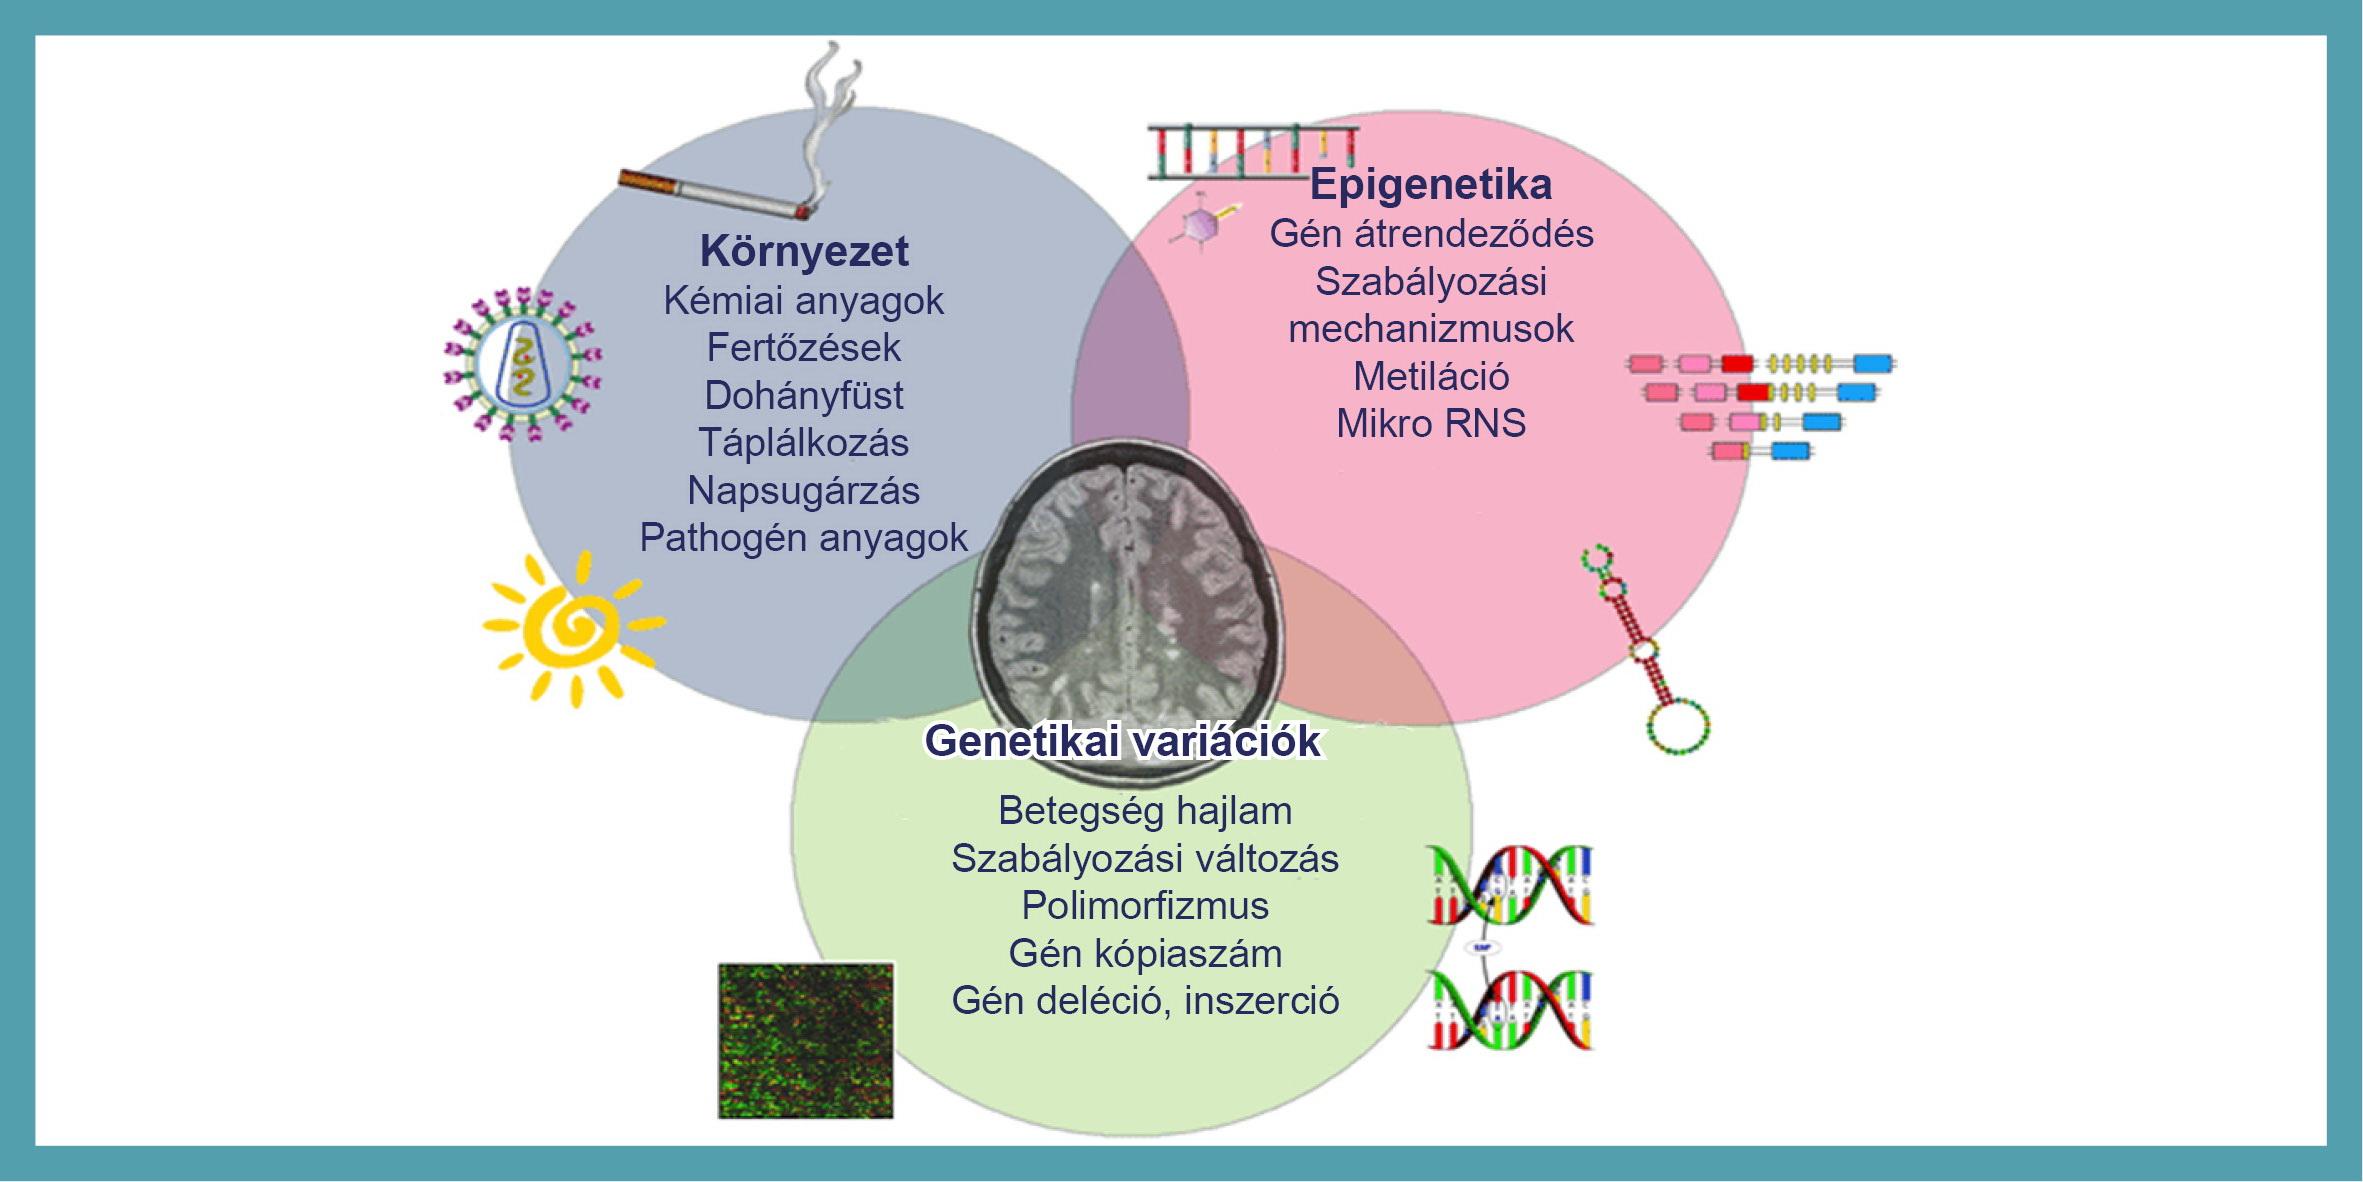 Örökletes génhiba állhat a rák mögött | hilltopfarm.hu